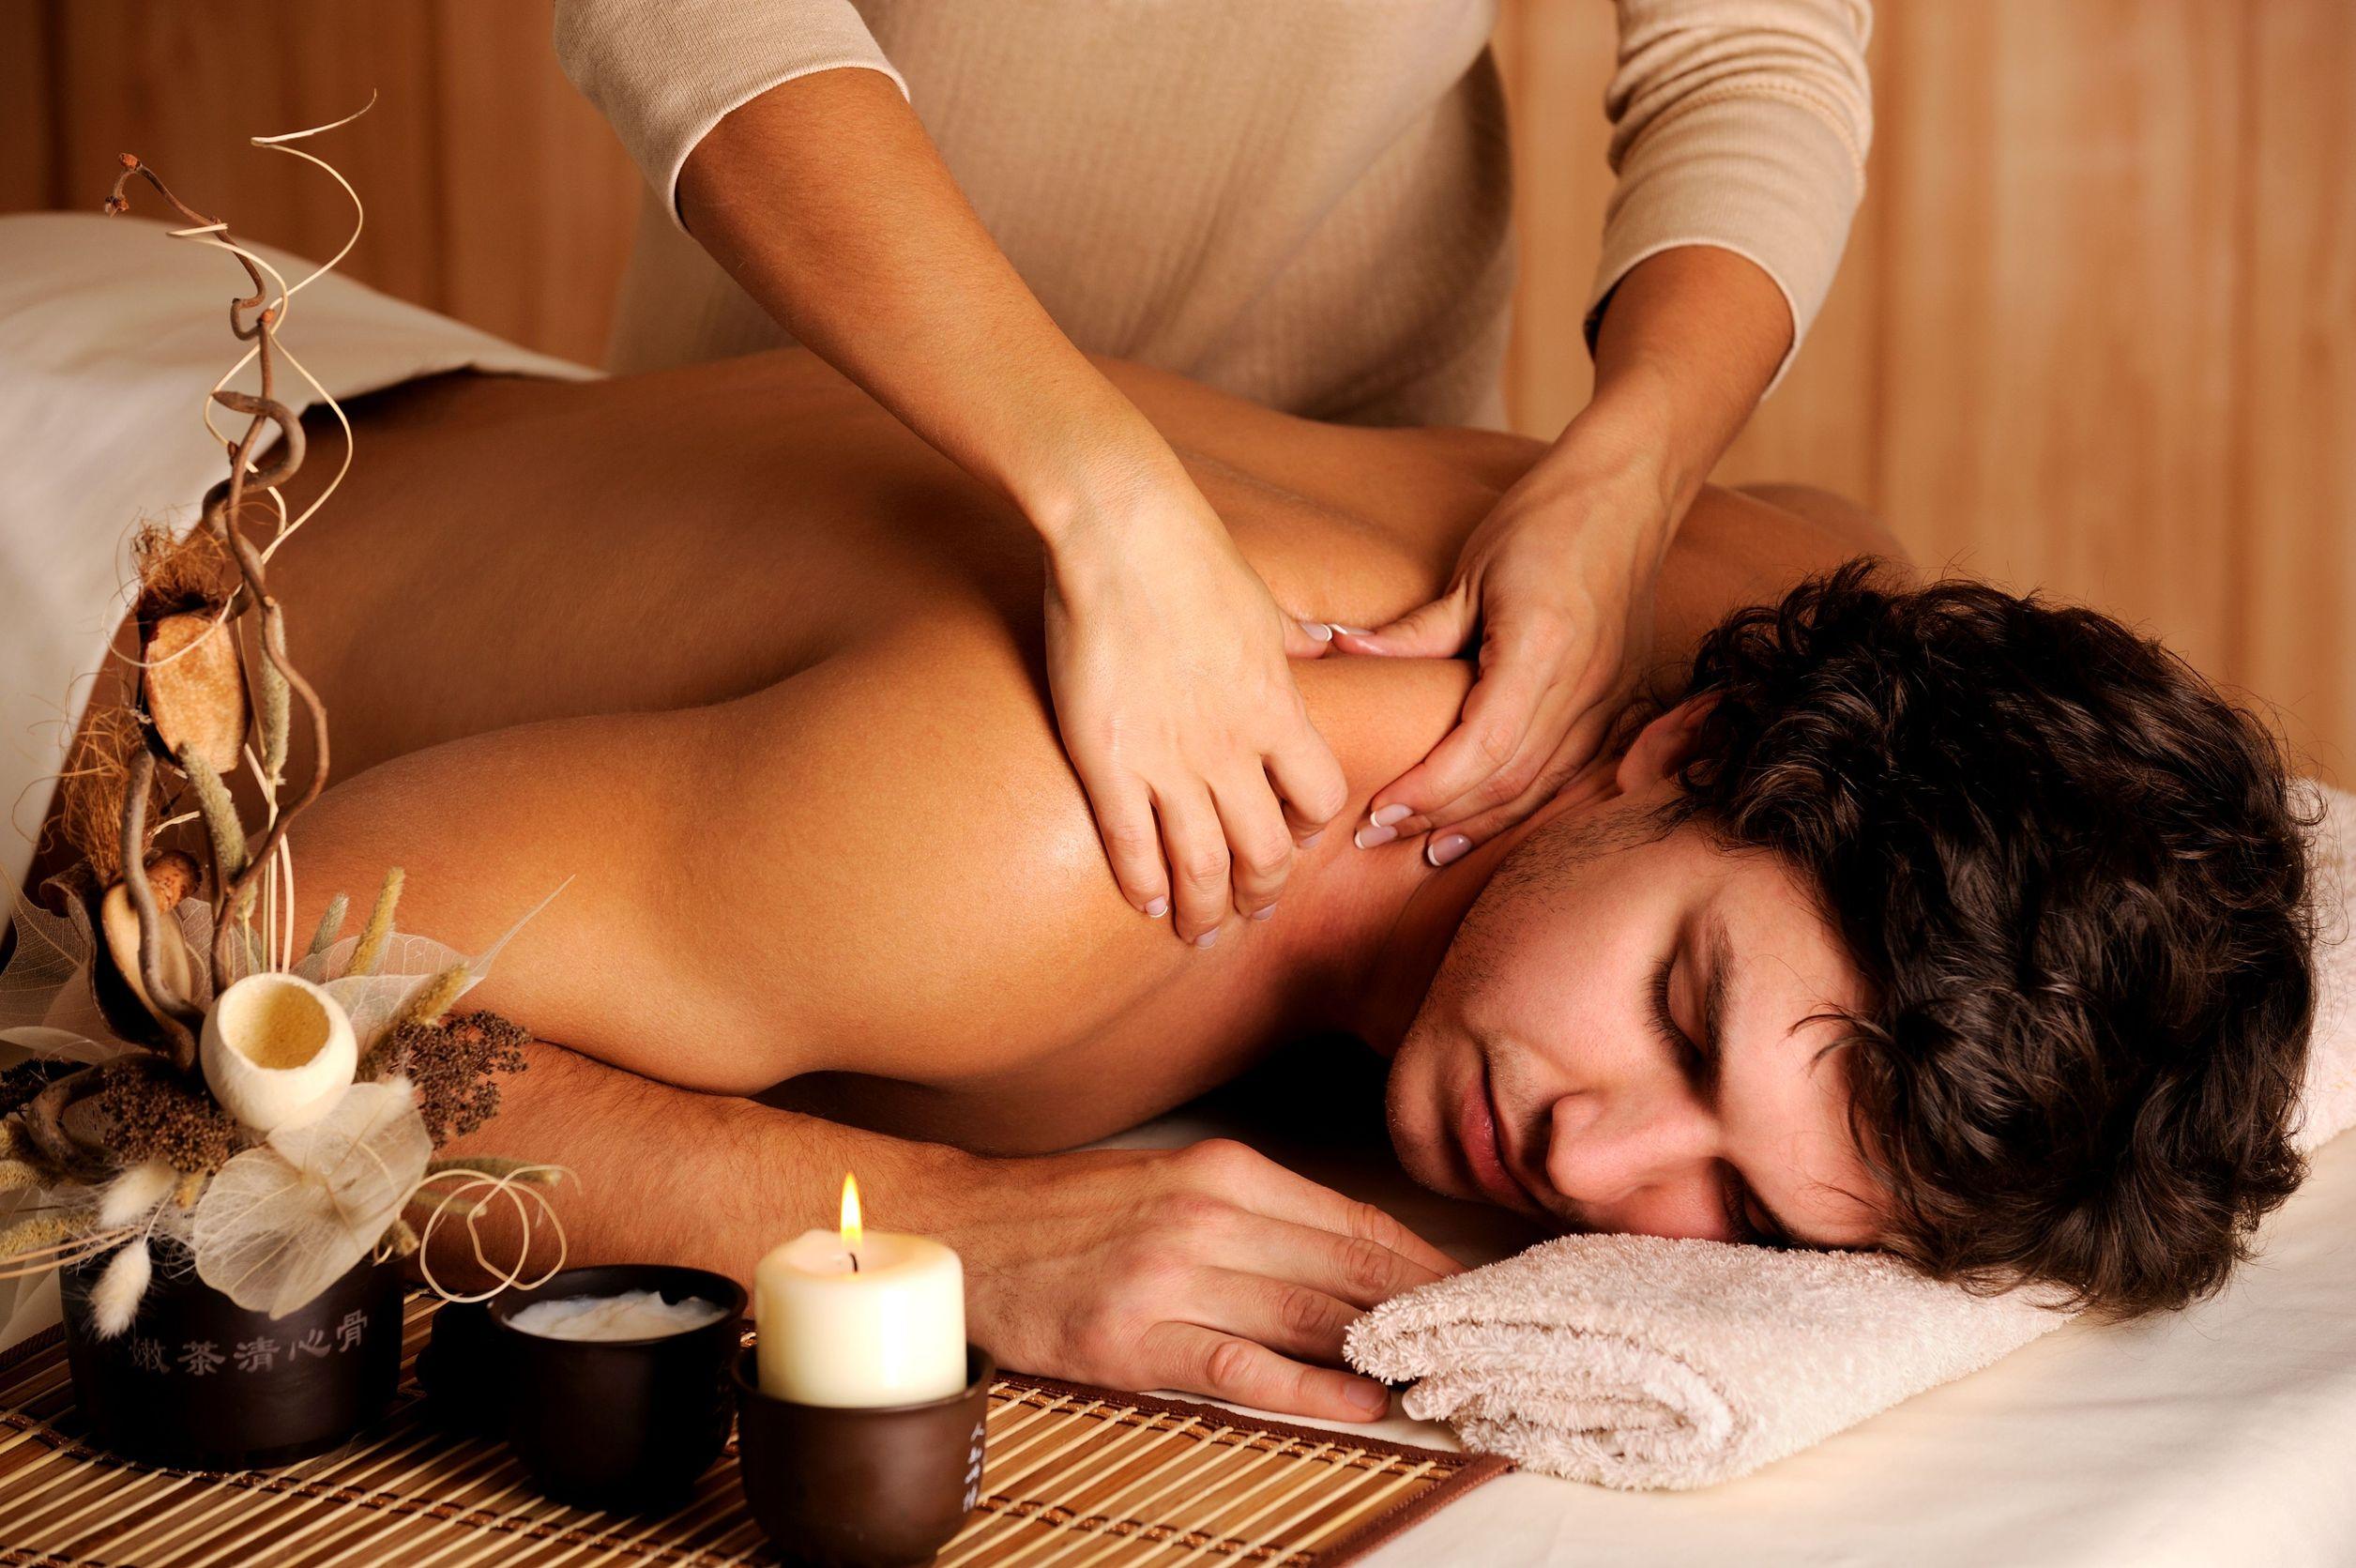 Эротический массаж спб купон 23 фотография